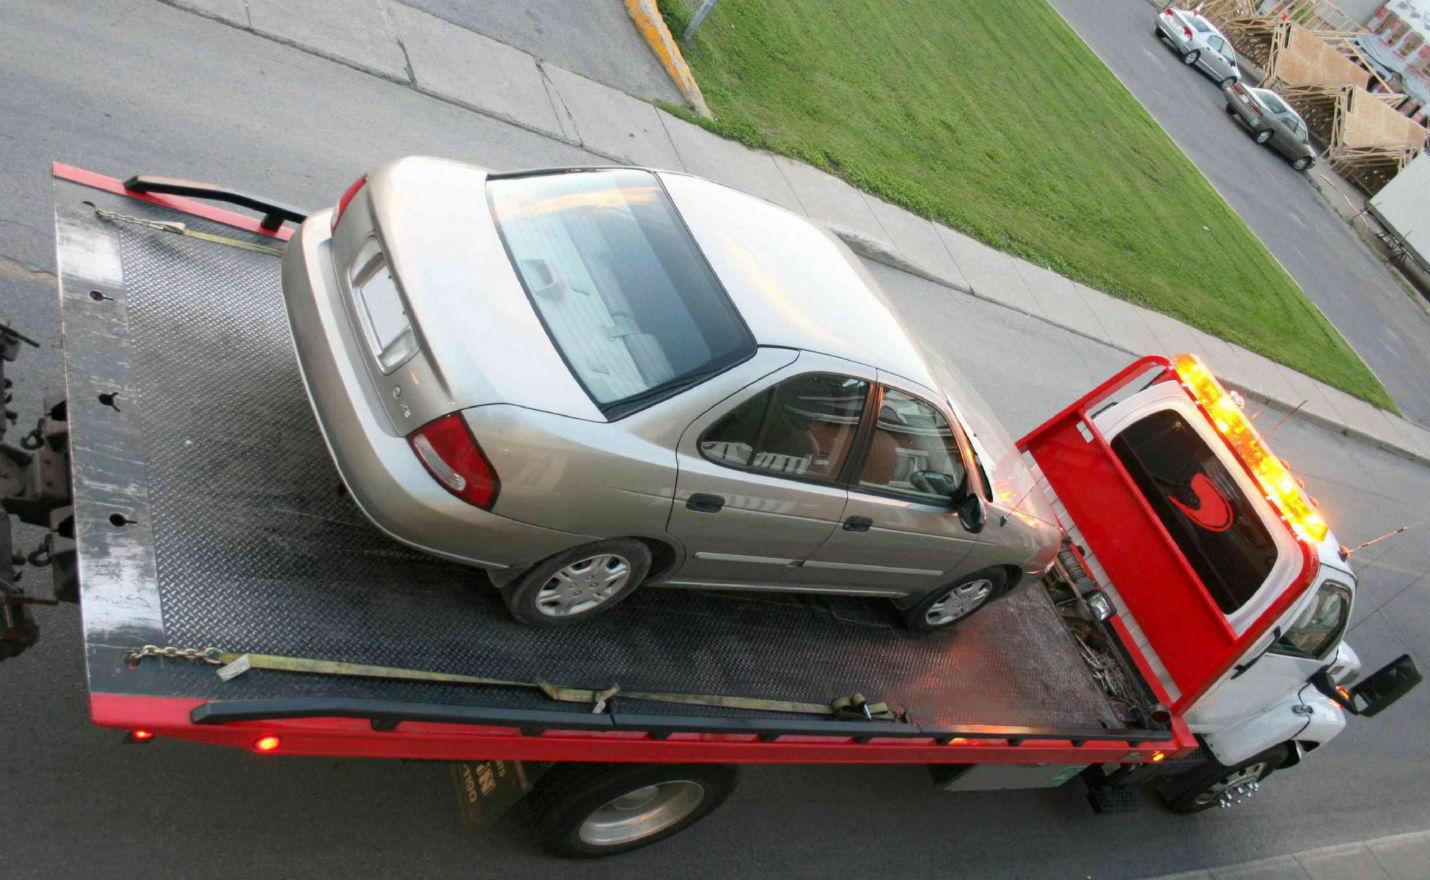 ott recovery breakdown Dublin - car Recovery